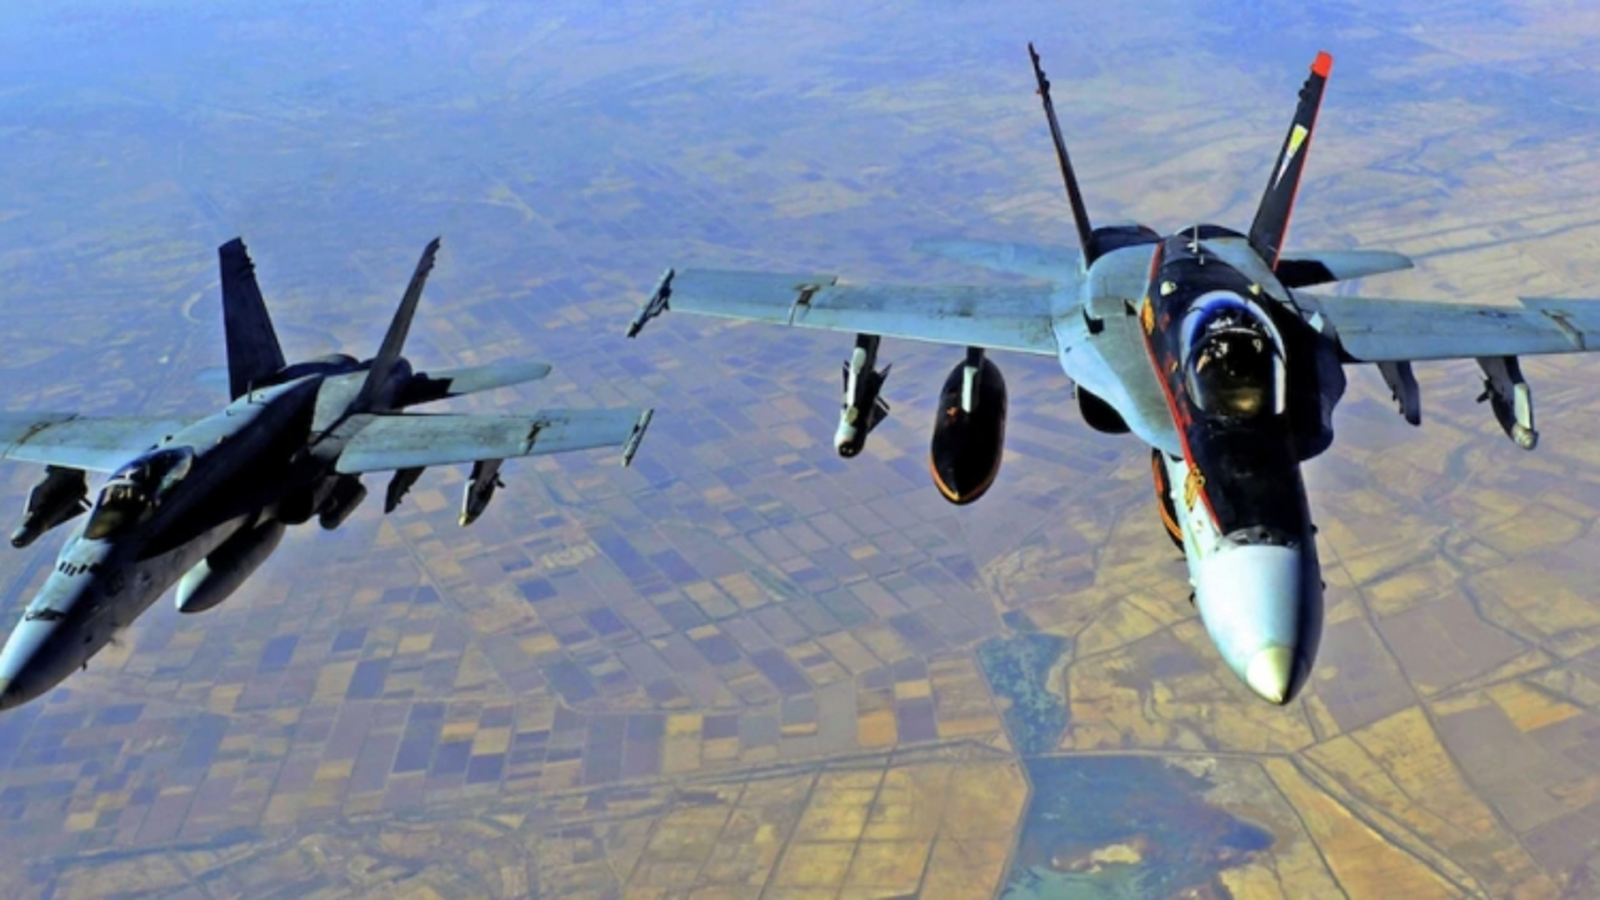 Mỹ không kích mục tiêu của các nhóm dân quân do Iran hậu thuẫn ở Syria và Iraq